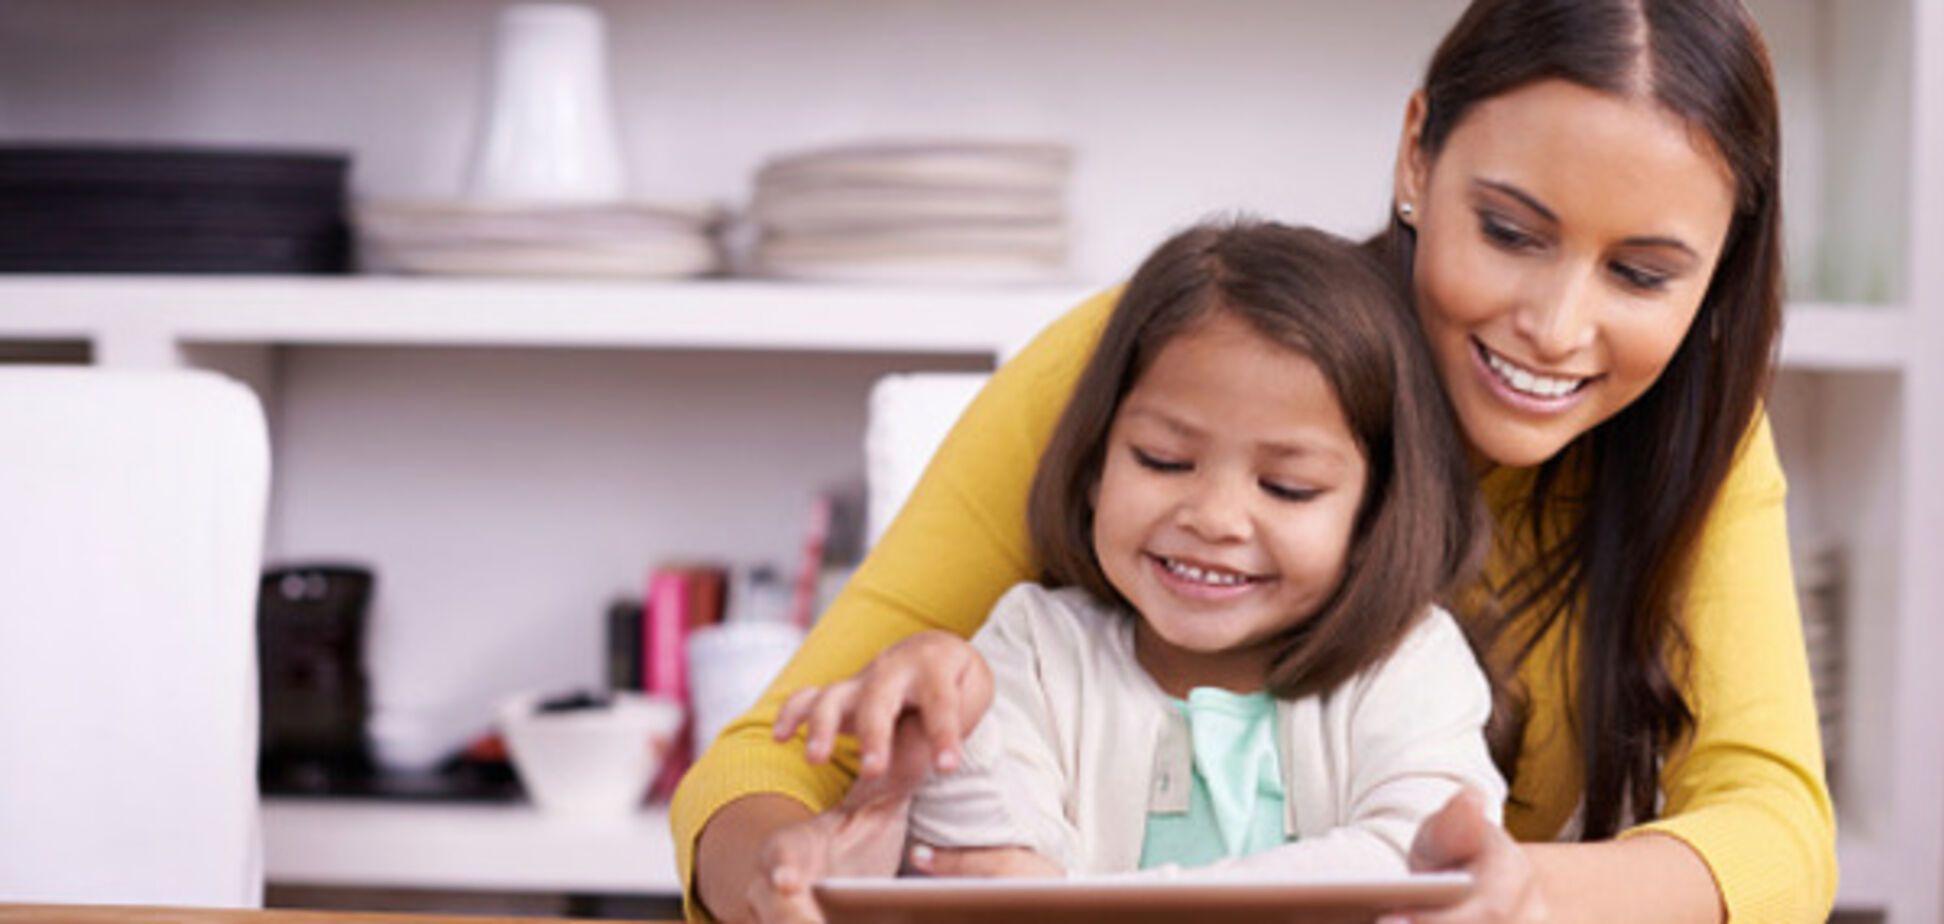 Как изменились современные дети: 10 ярких иллюстраций